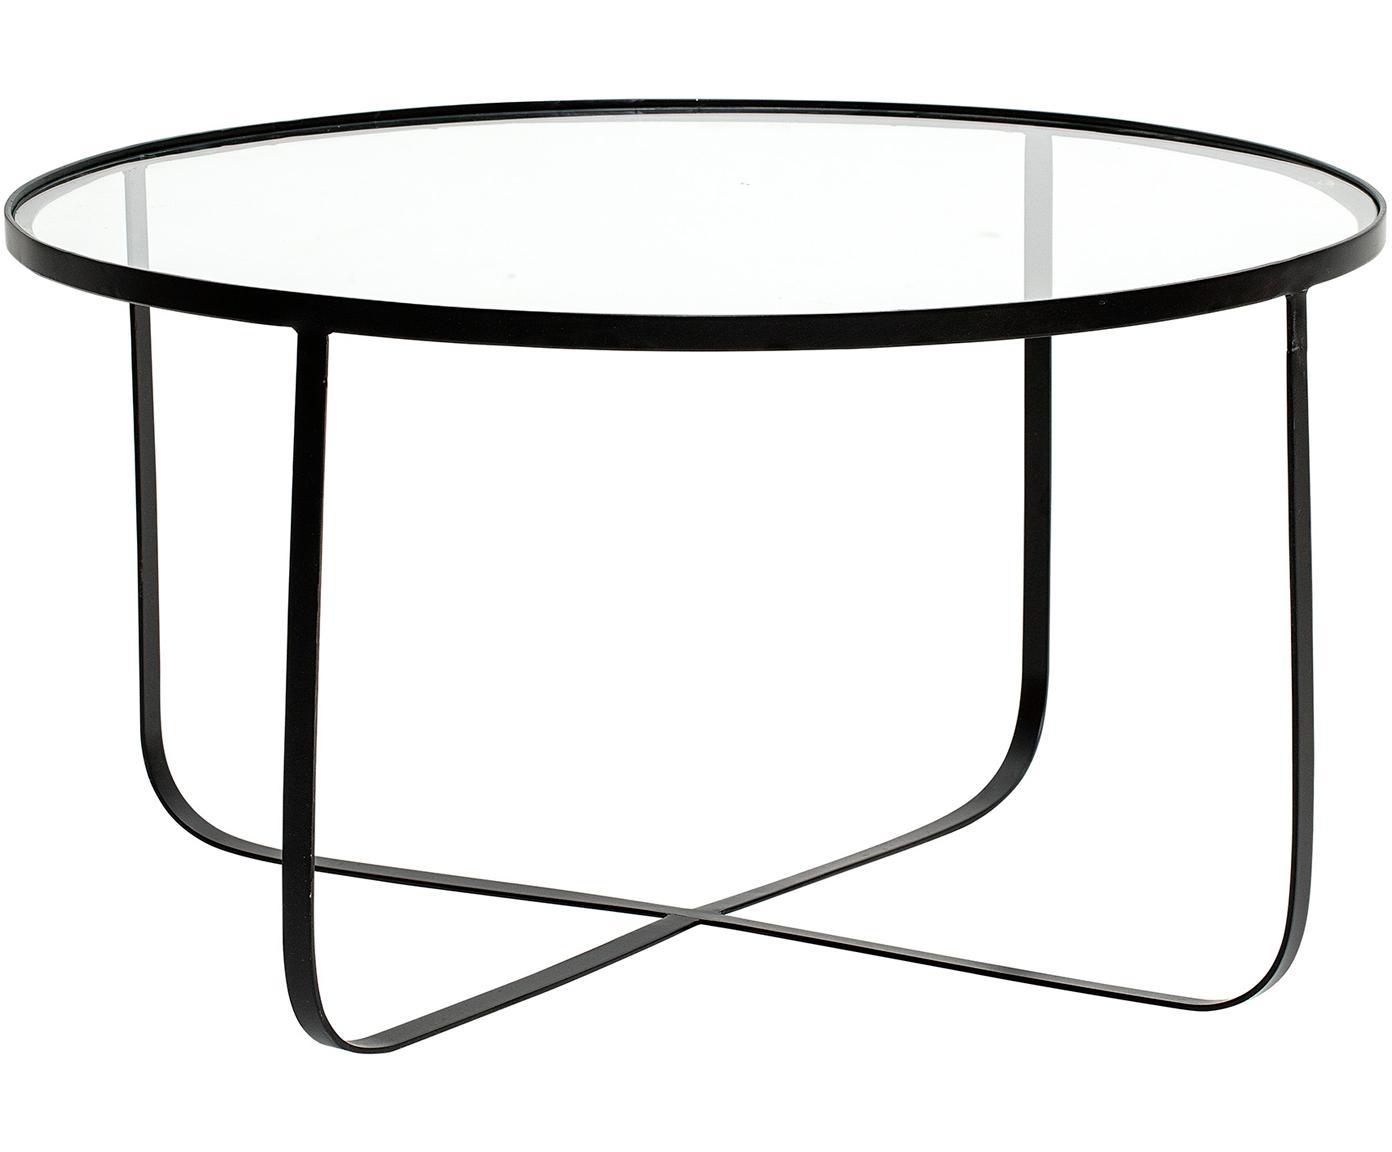 Mesa de centro de metal Harper, Estructura: metal con pintura en polv, Tablero: vidrio, Negro, Ø 80 x Al 43 cm